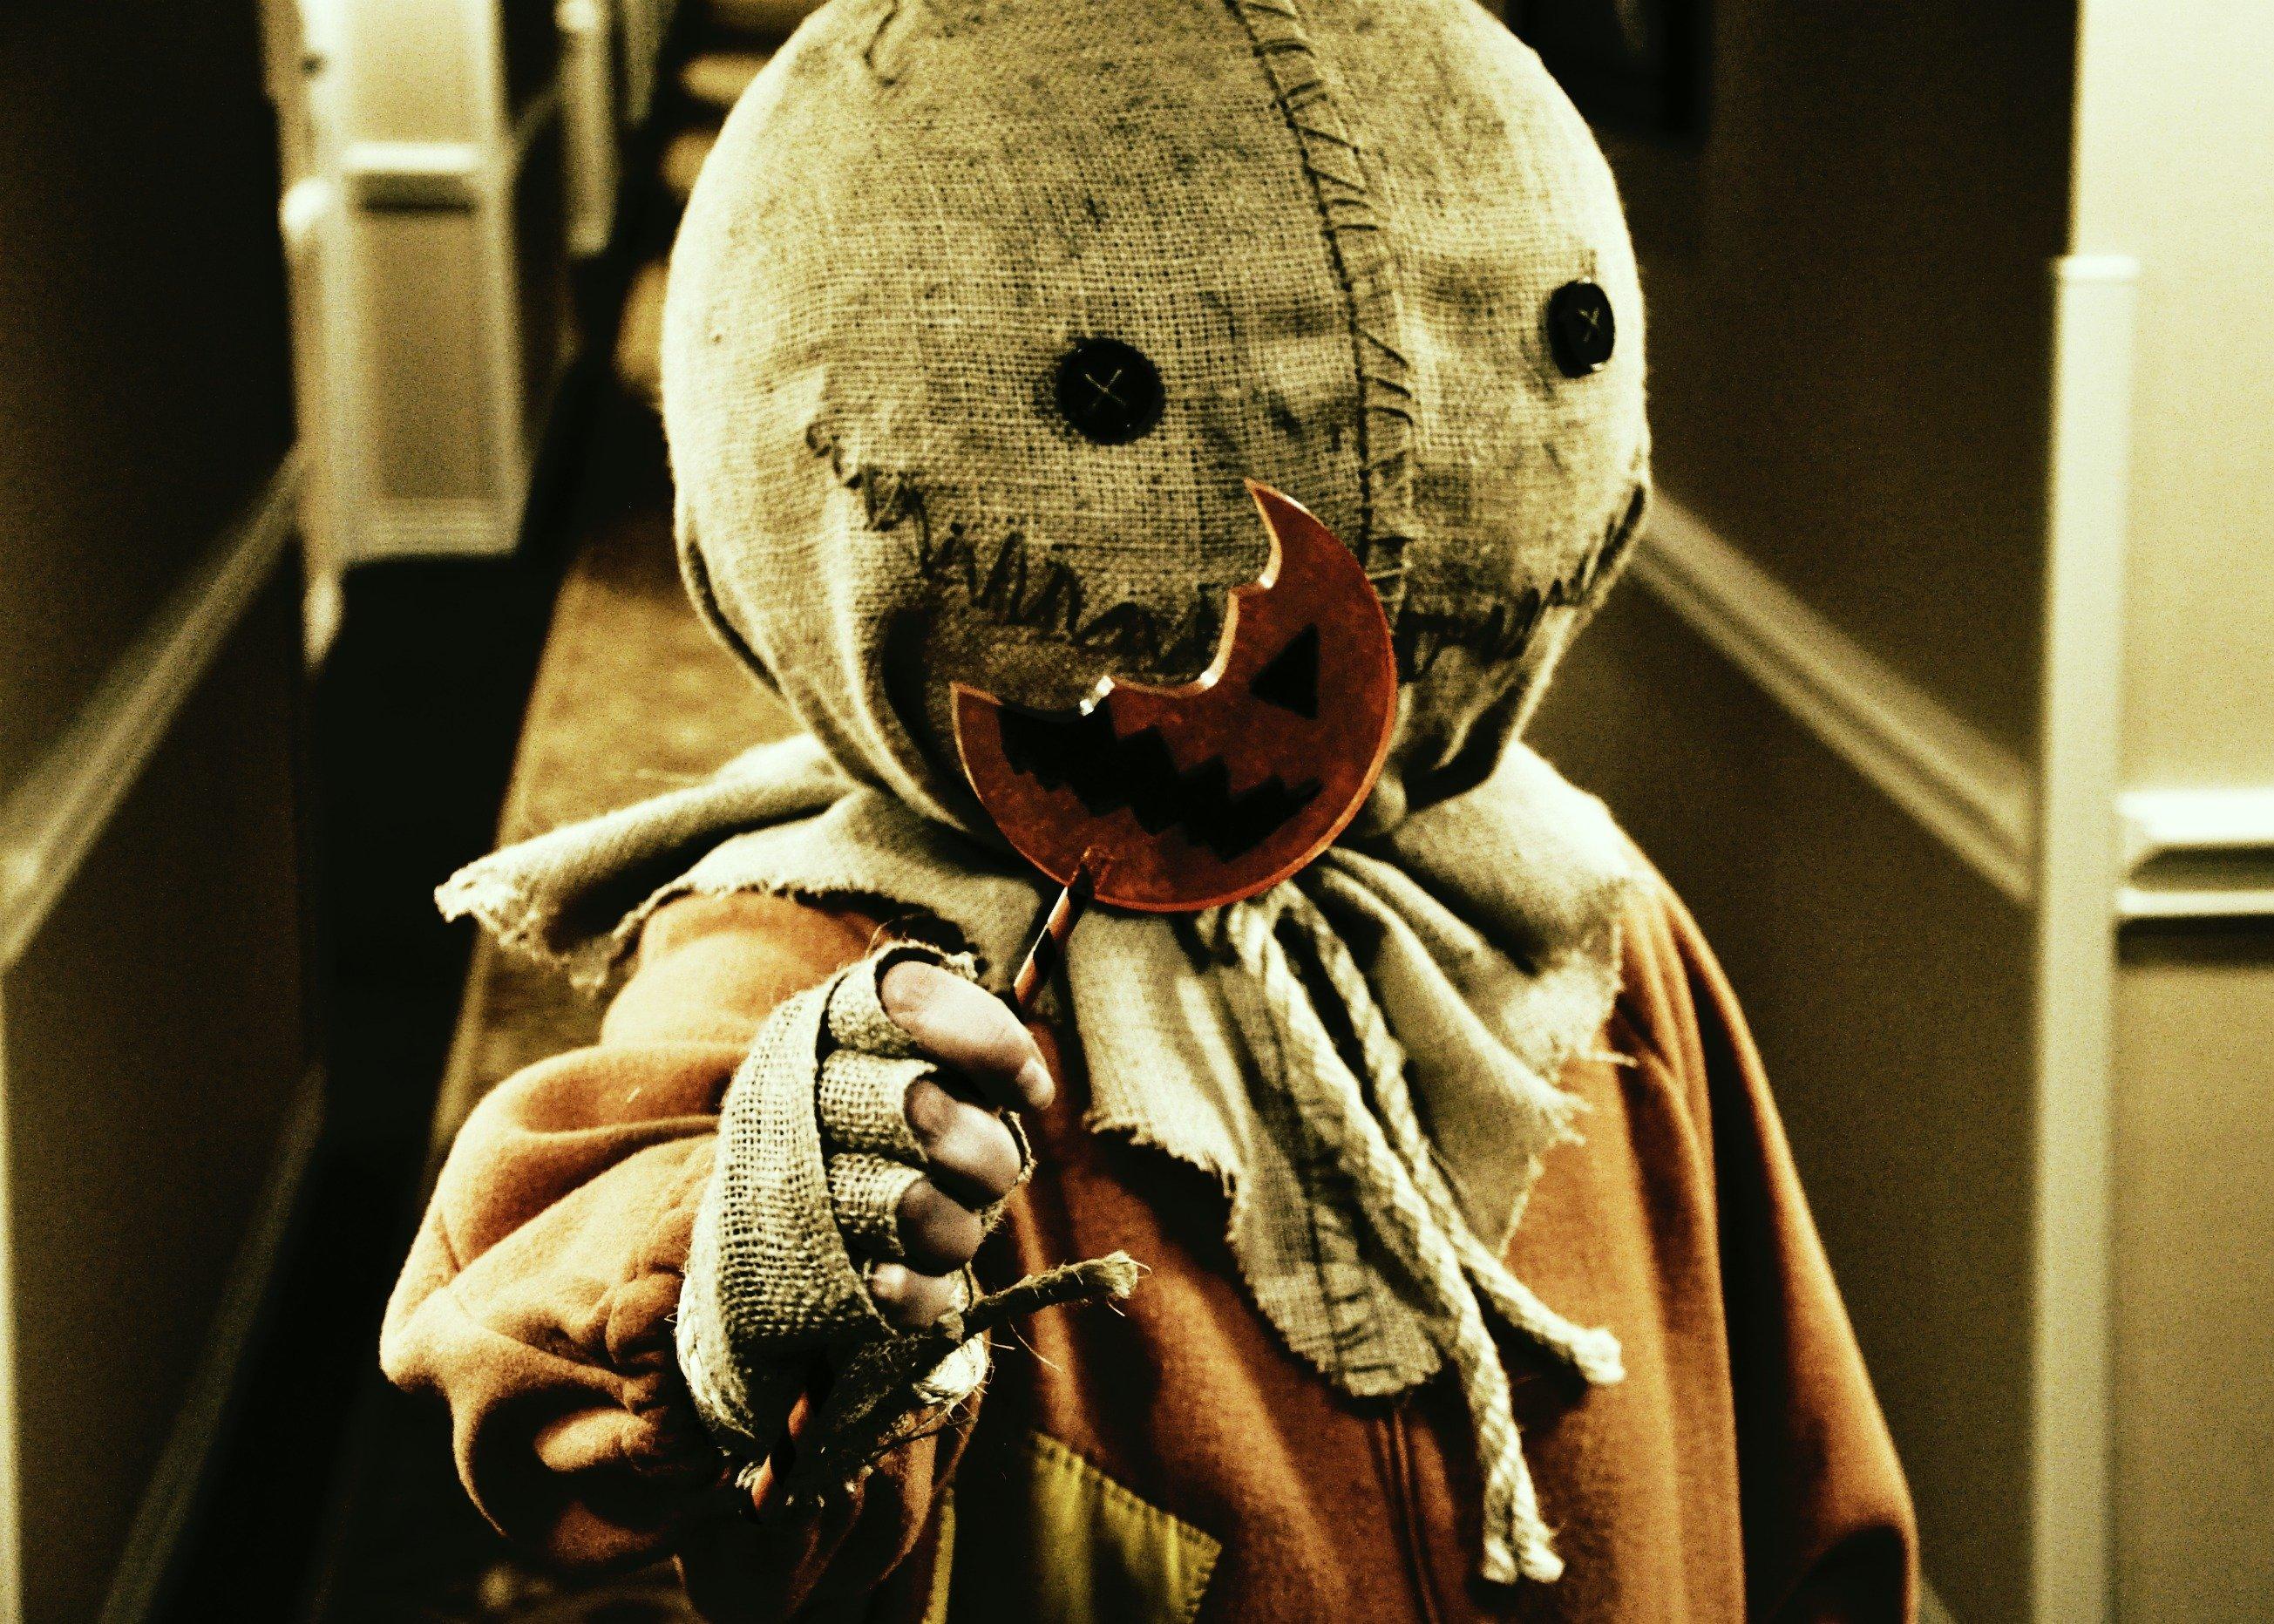 trick r treat horror thriller dark halloween movie film (29